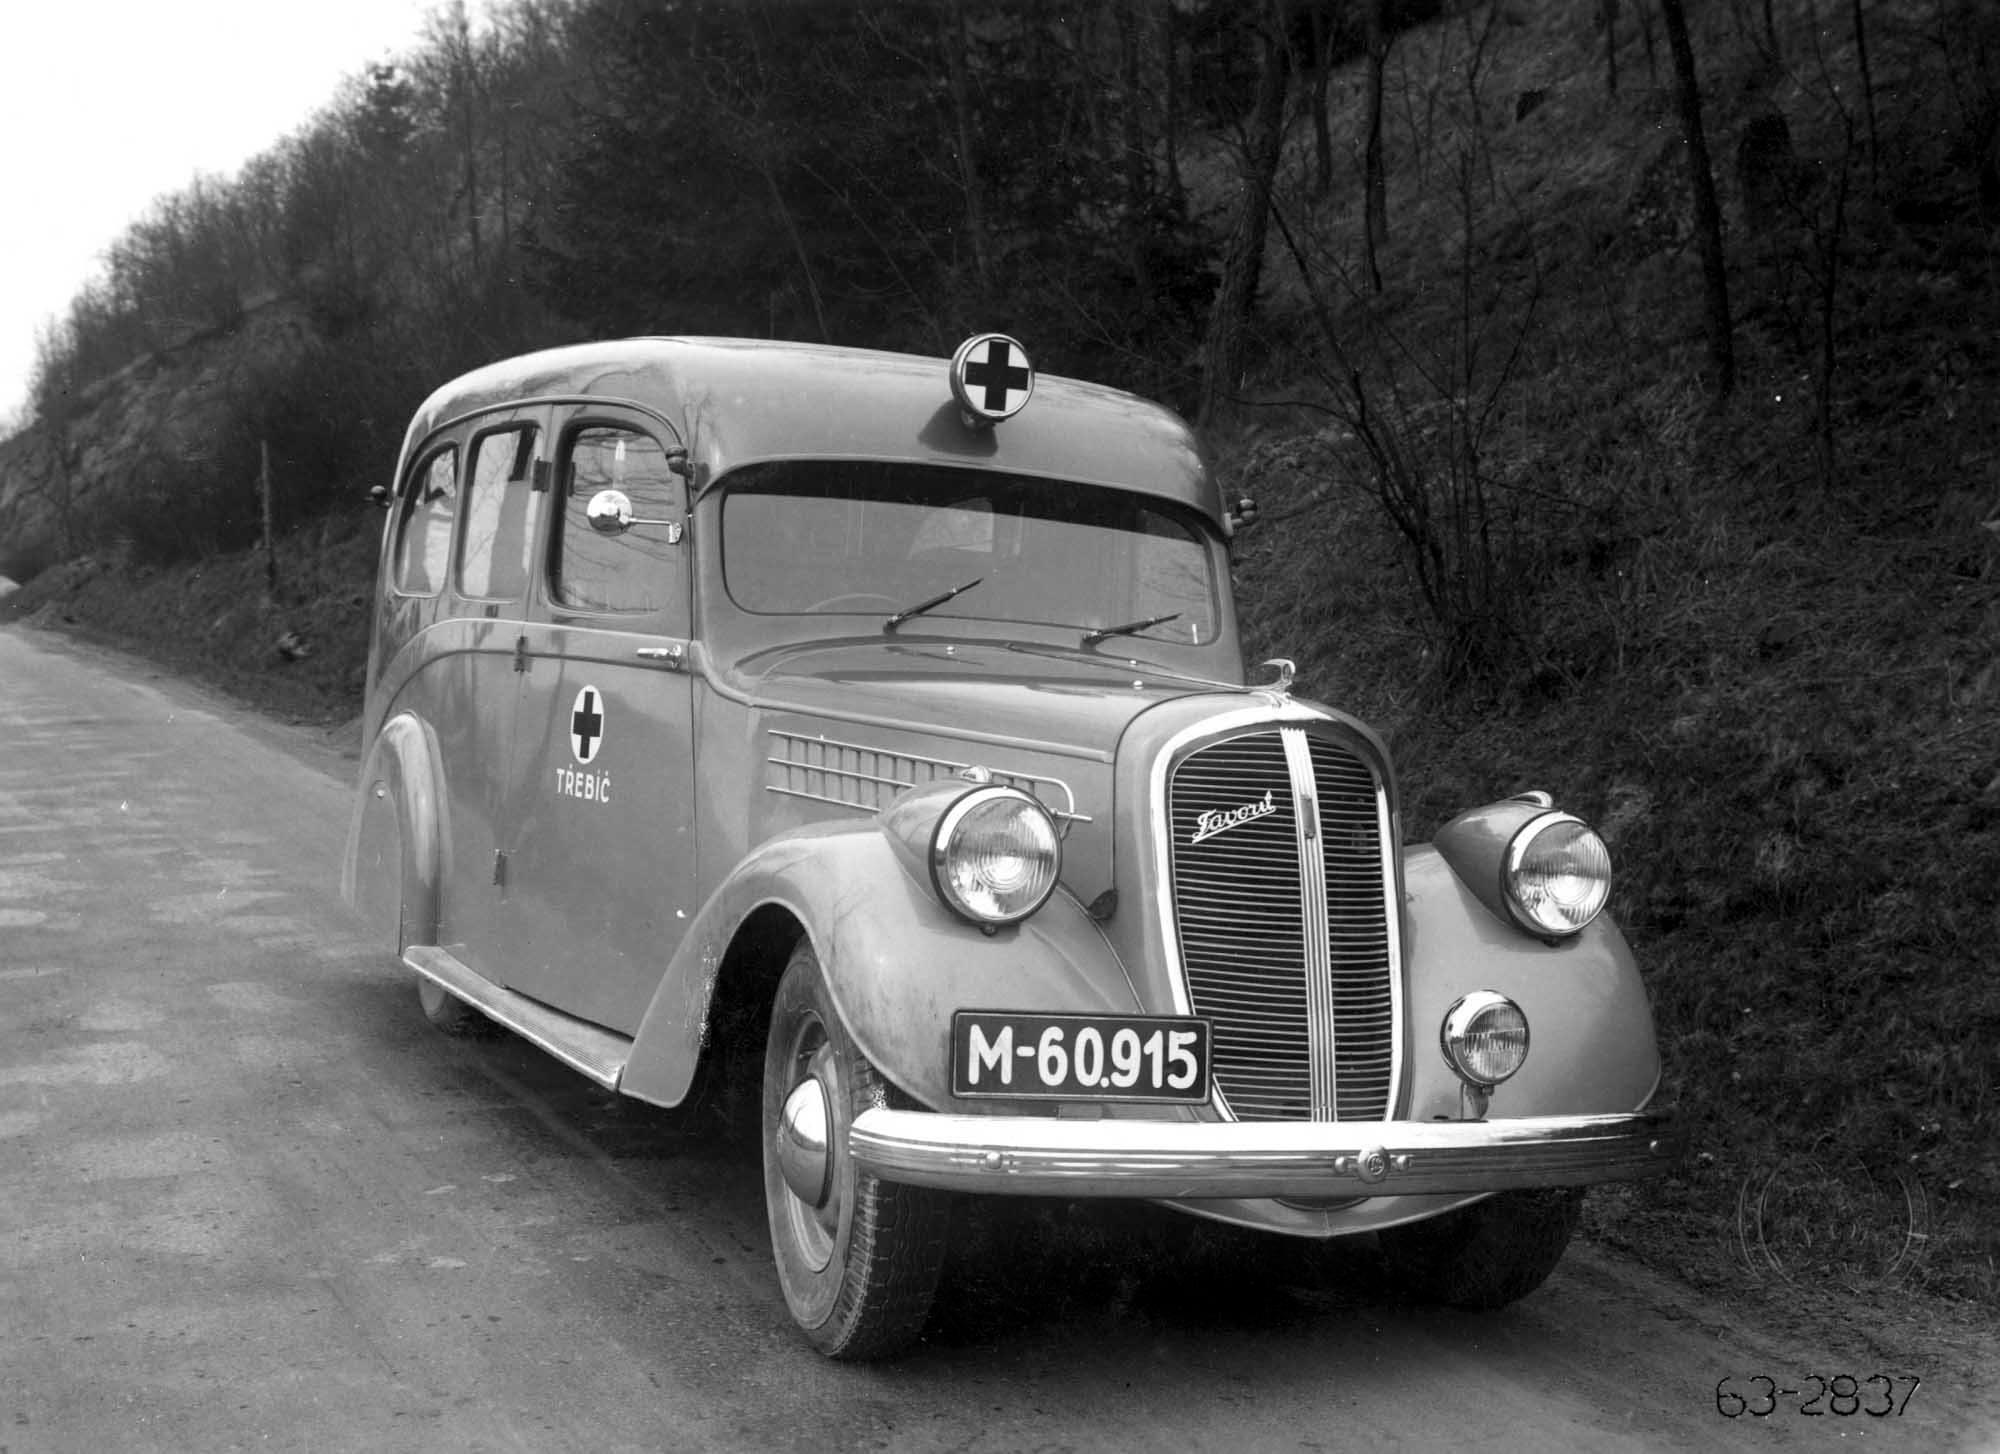 Skoda-amulance-(12)